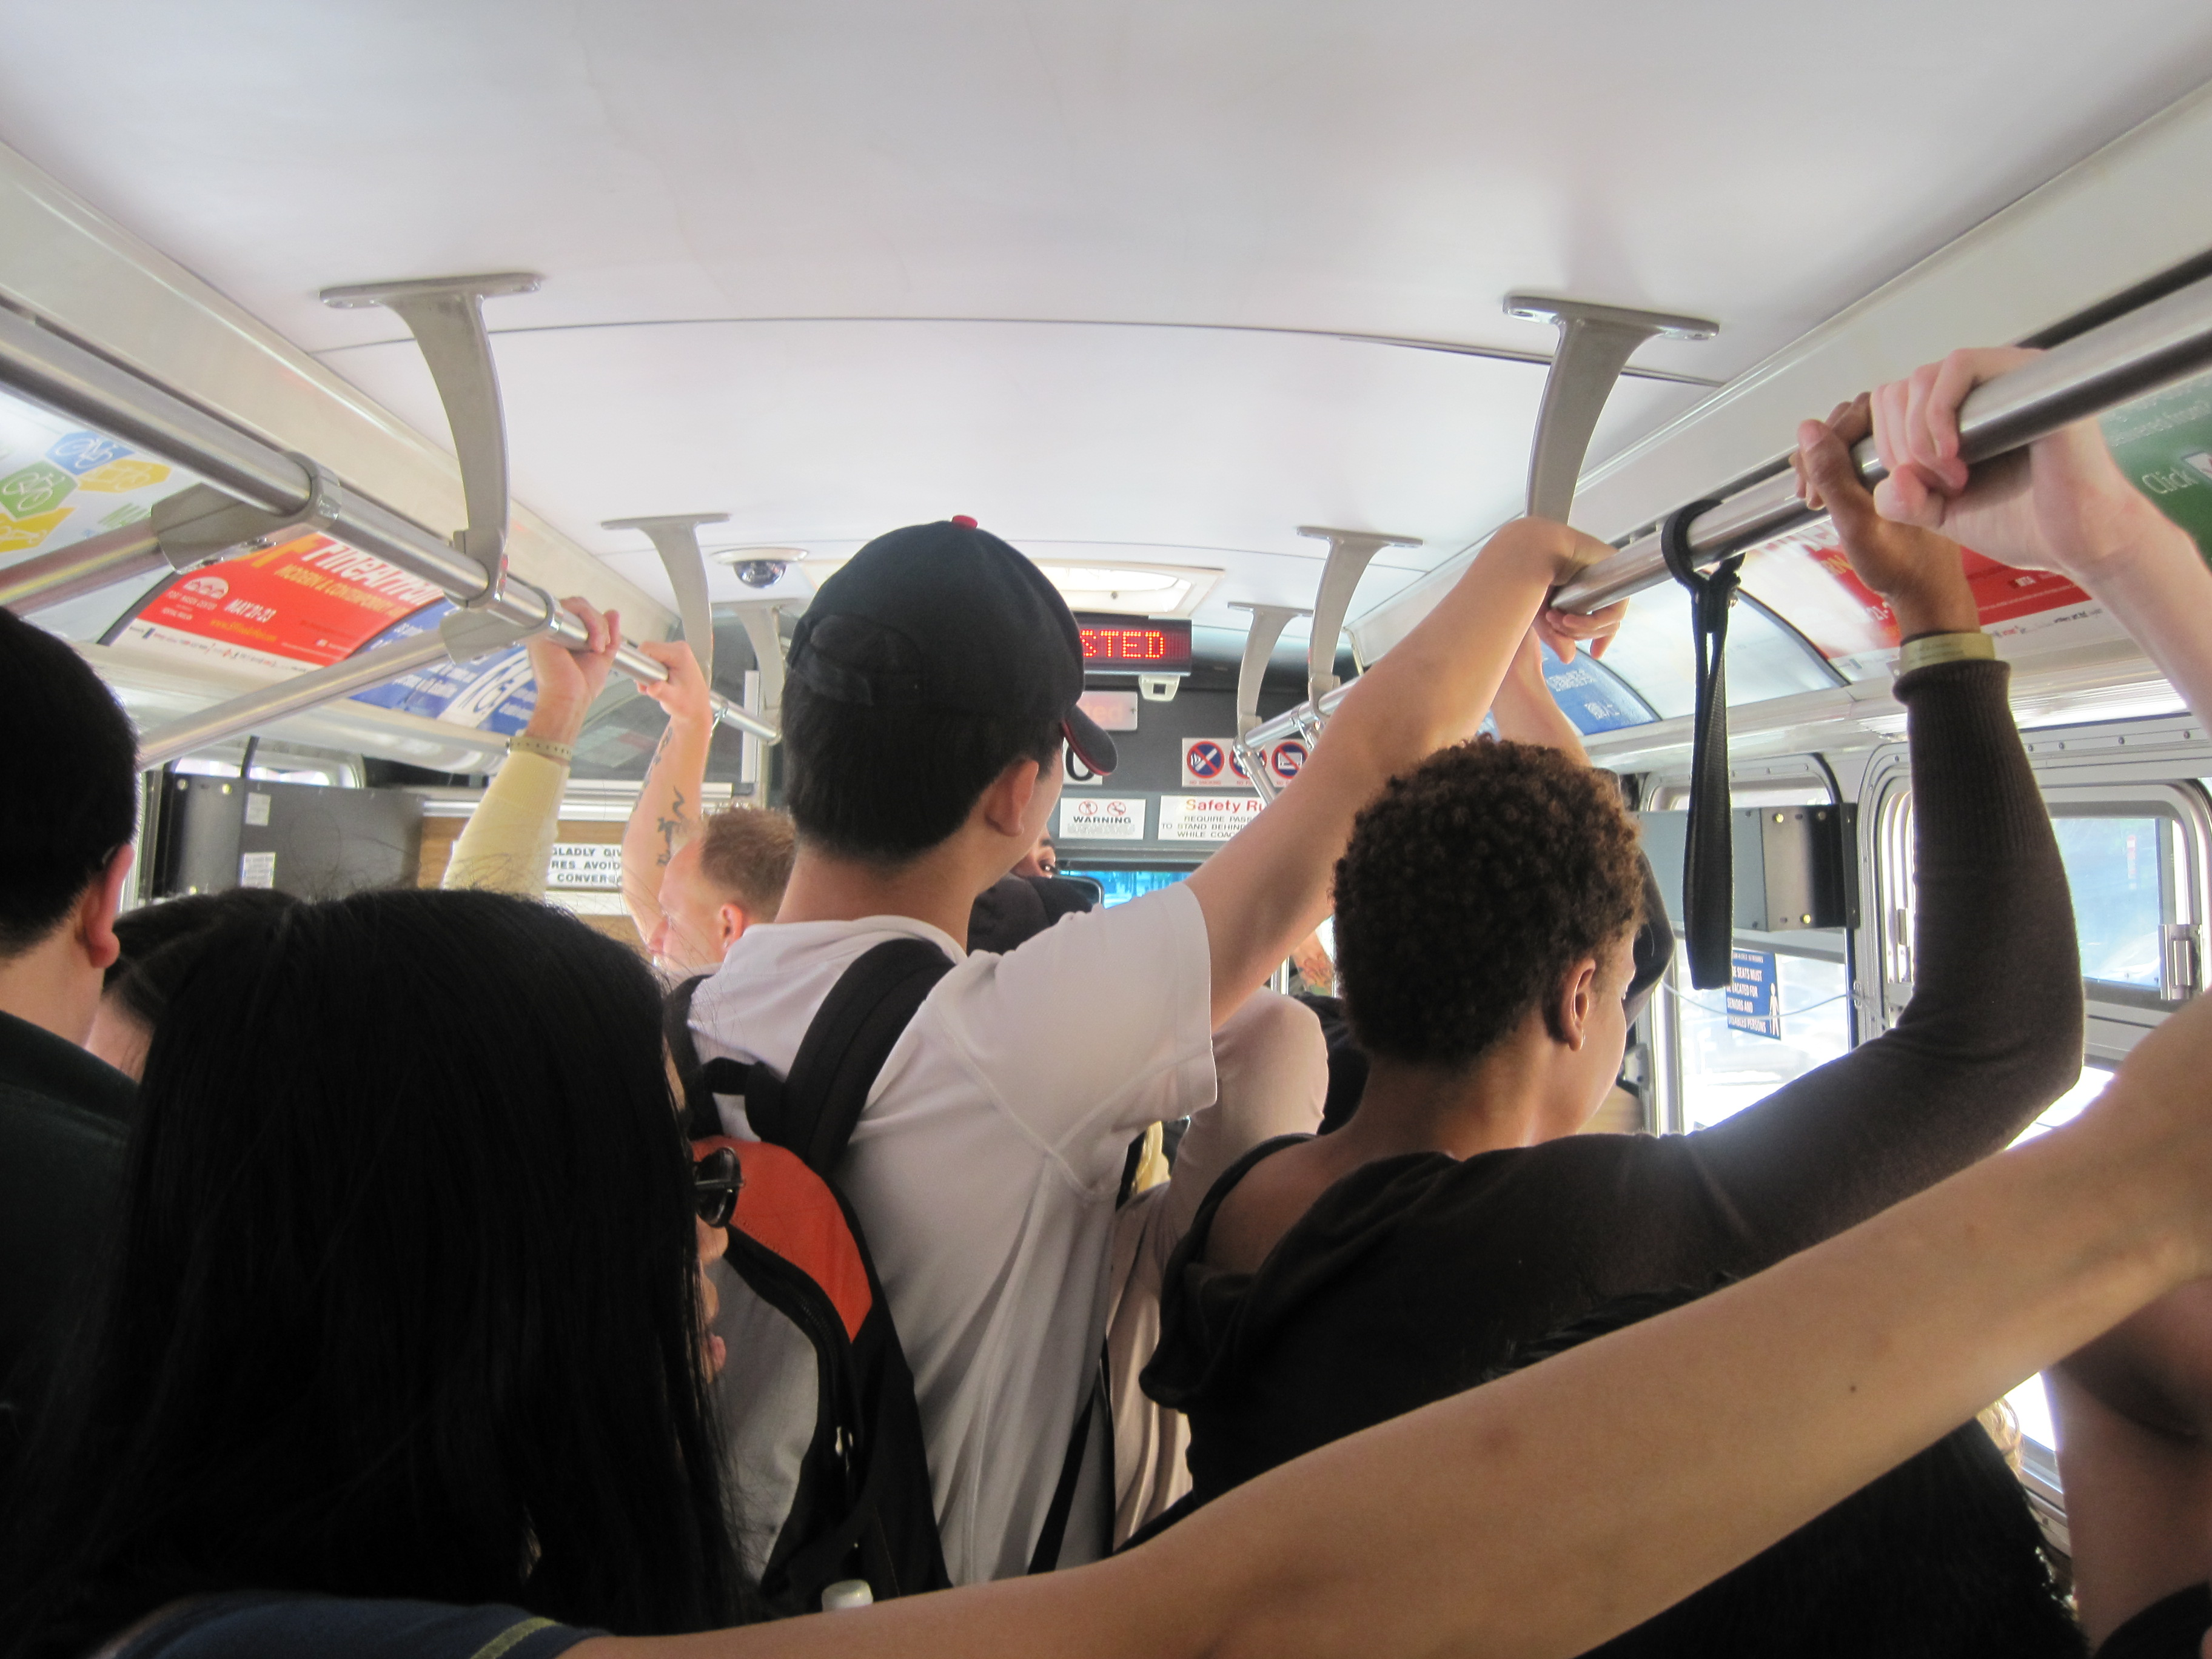 תוצאת תמונה עבור CROWDED BUS